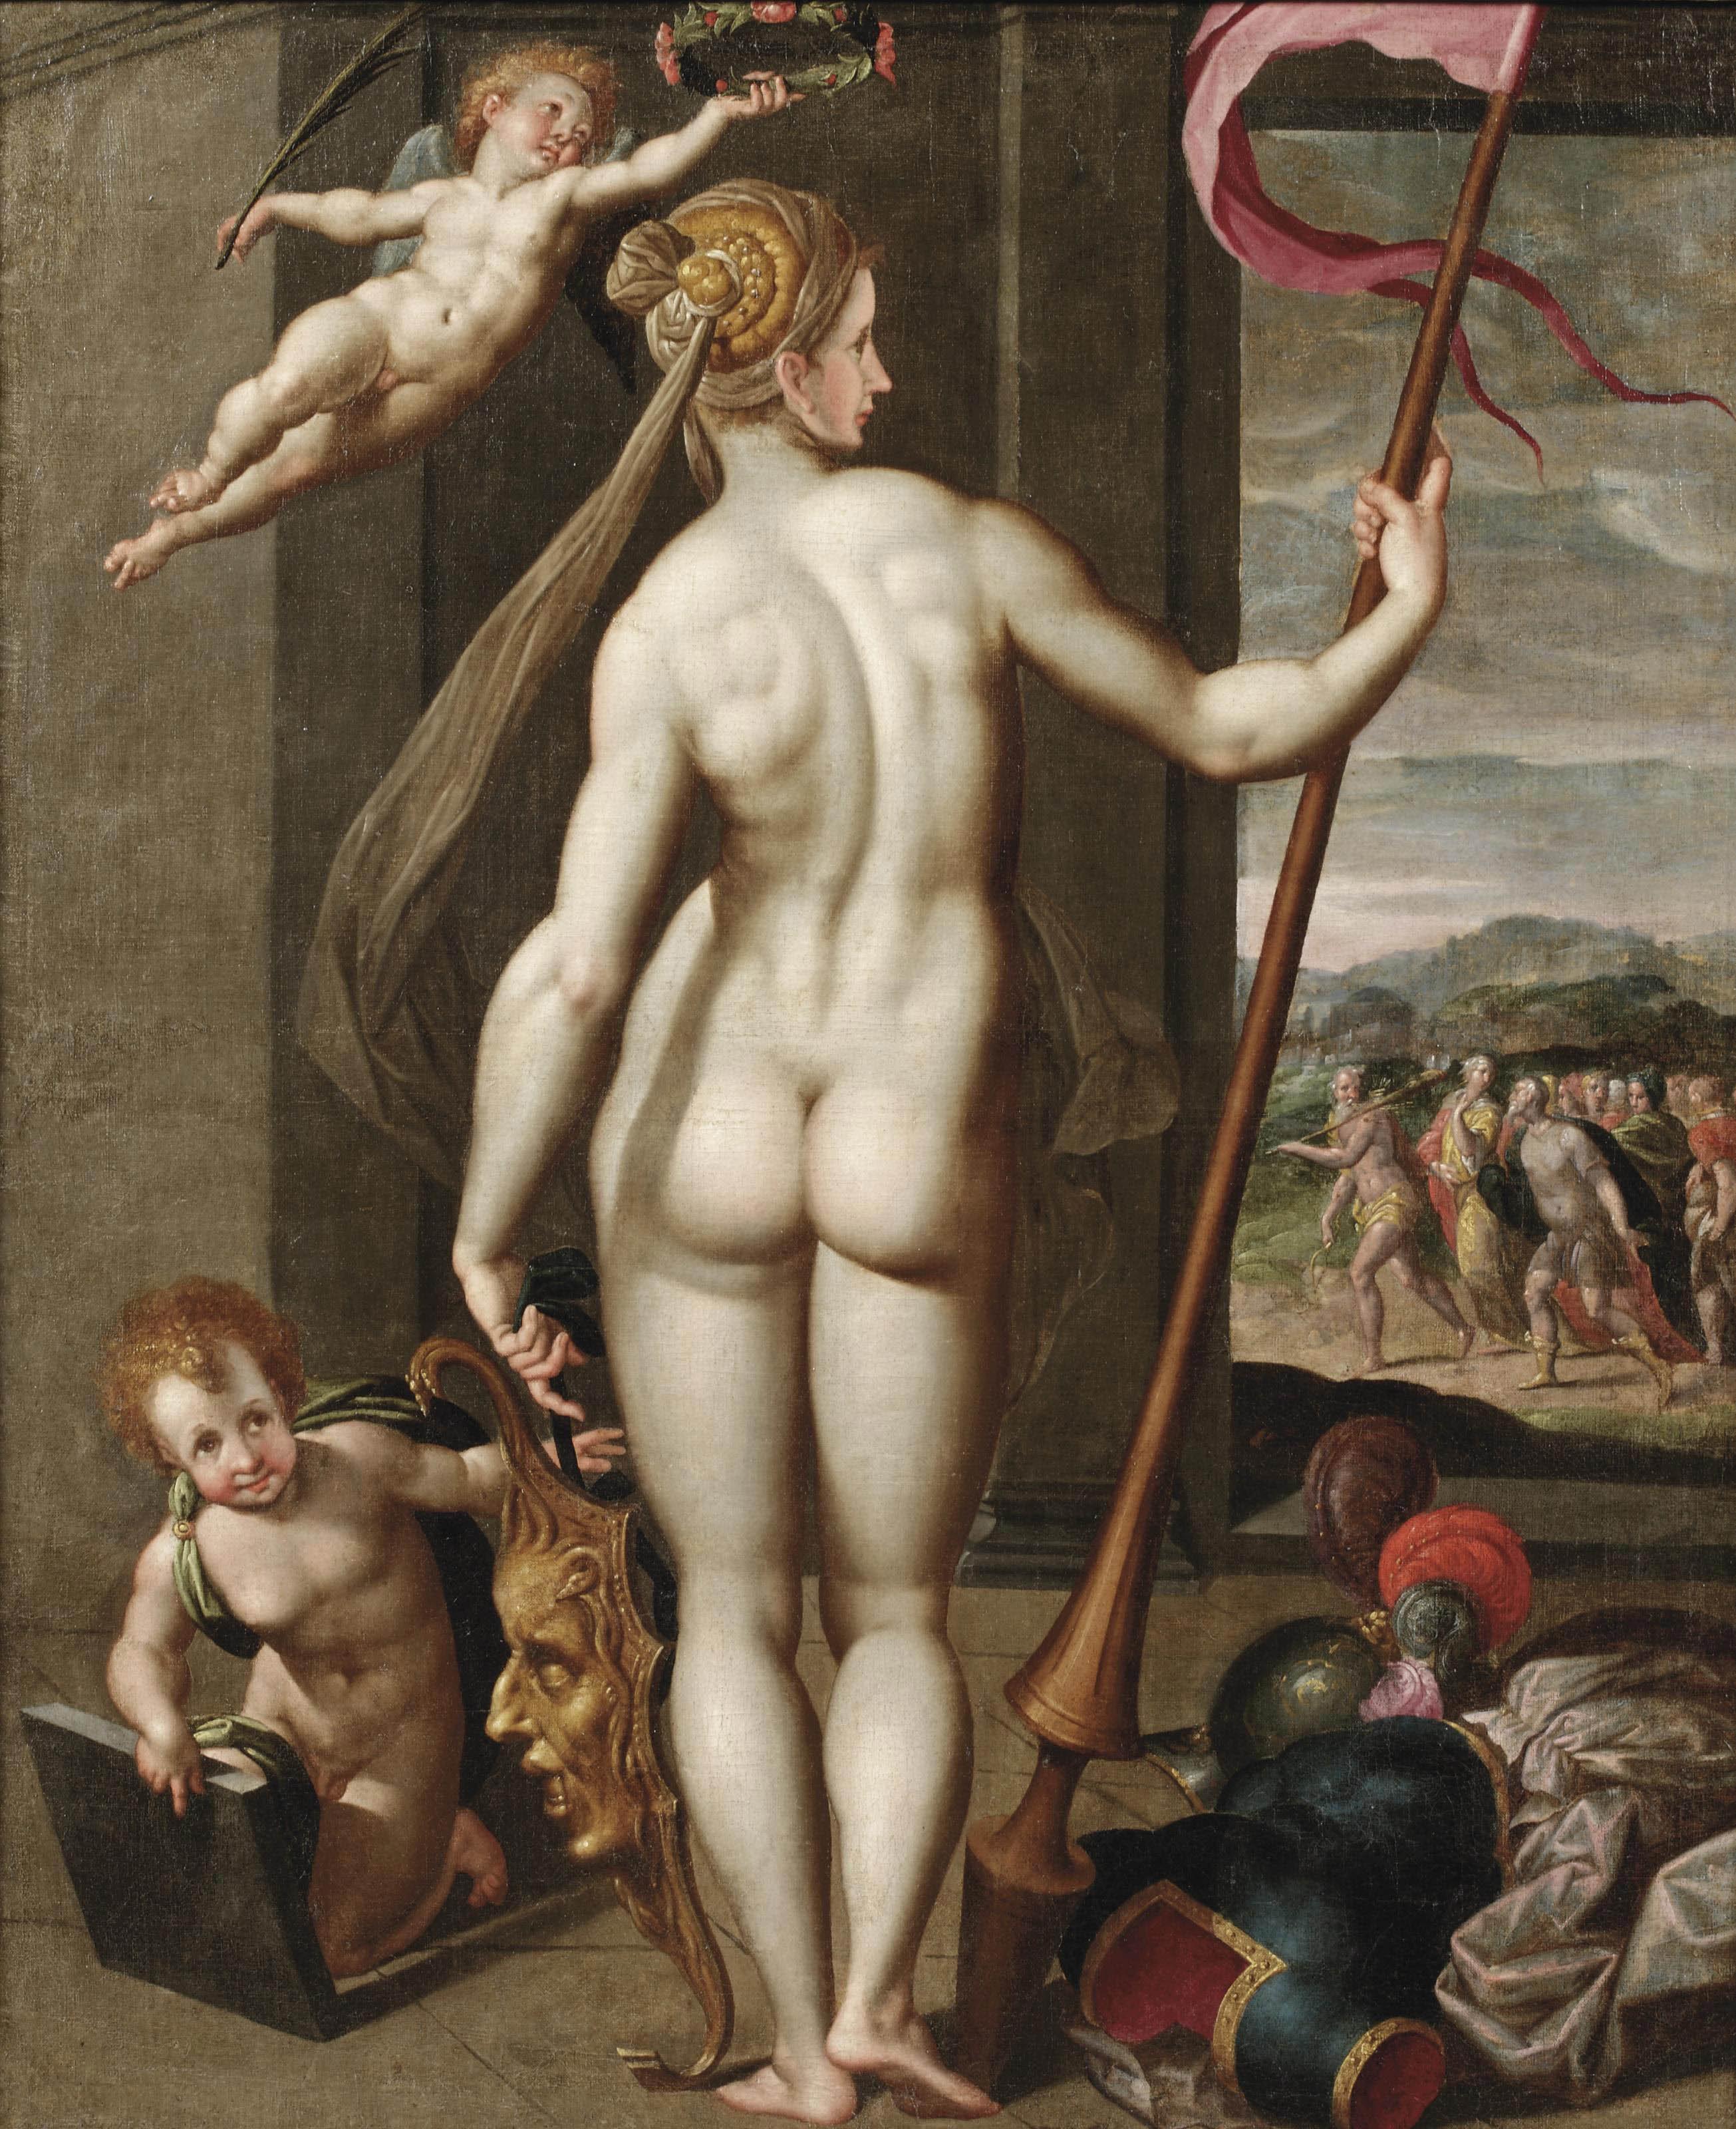 Studio of Jacob de Backer (Antwerp 1540/45-1591/1600)